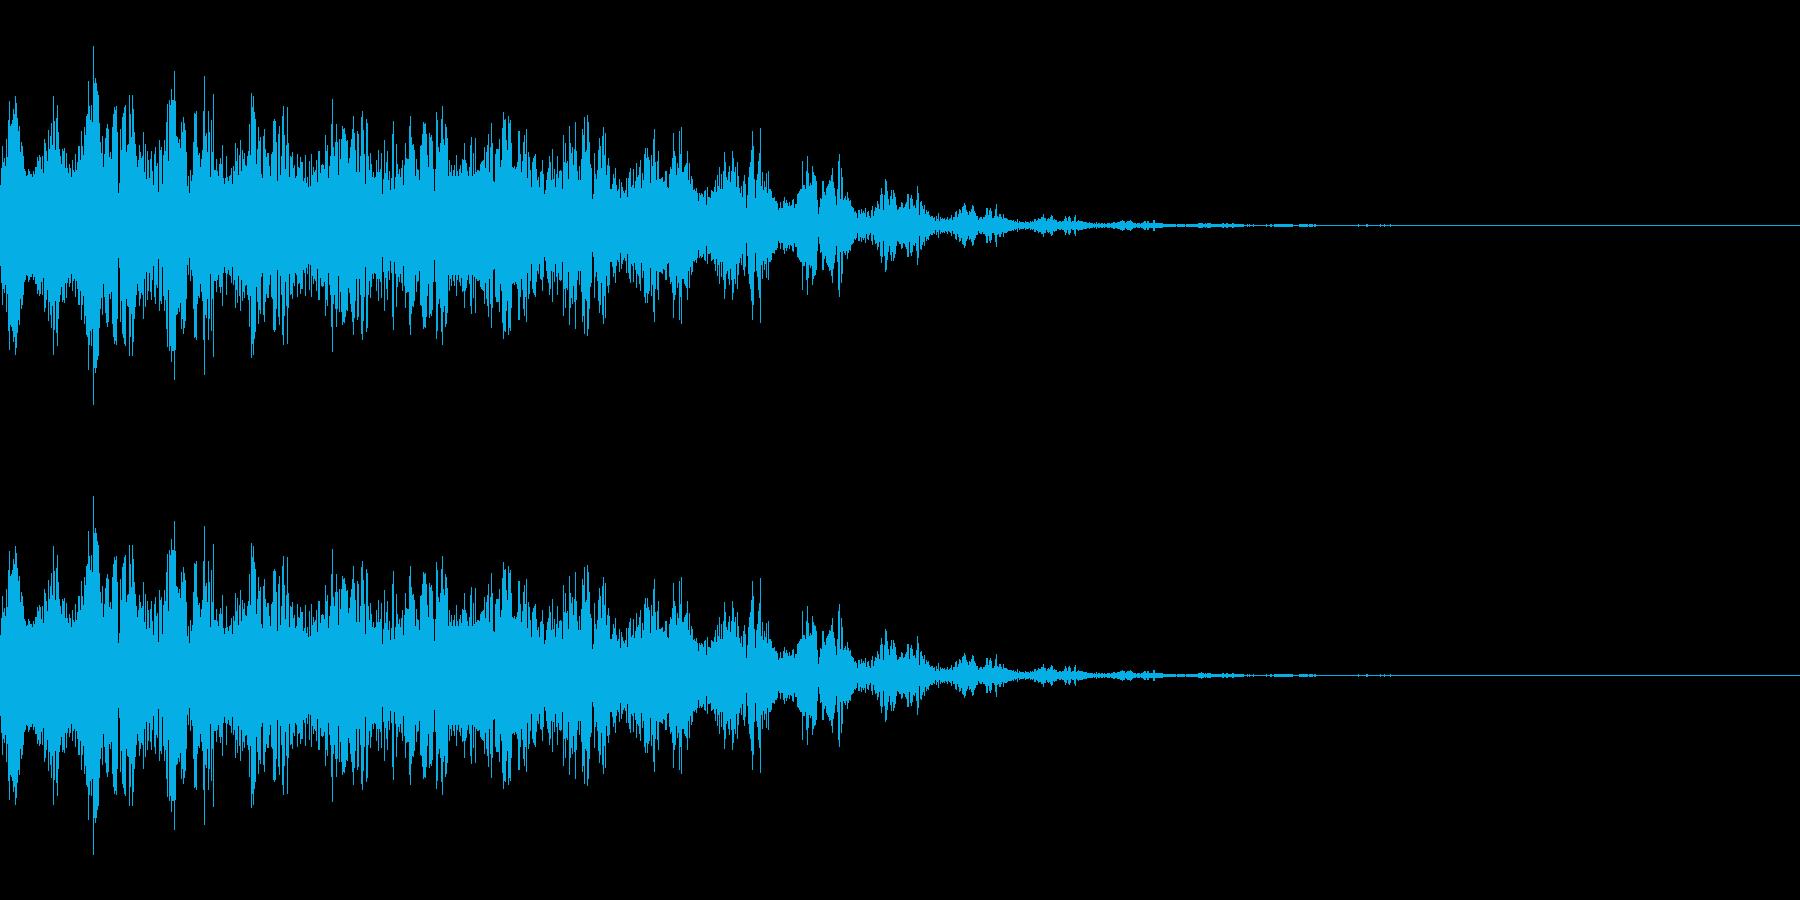 レーザー銃を撃つ音(SF/宇宙/光線)の再生済みの波形